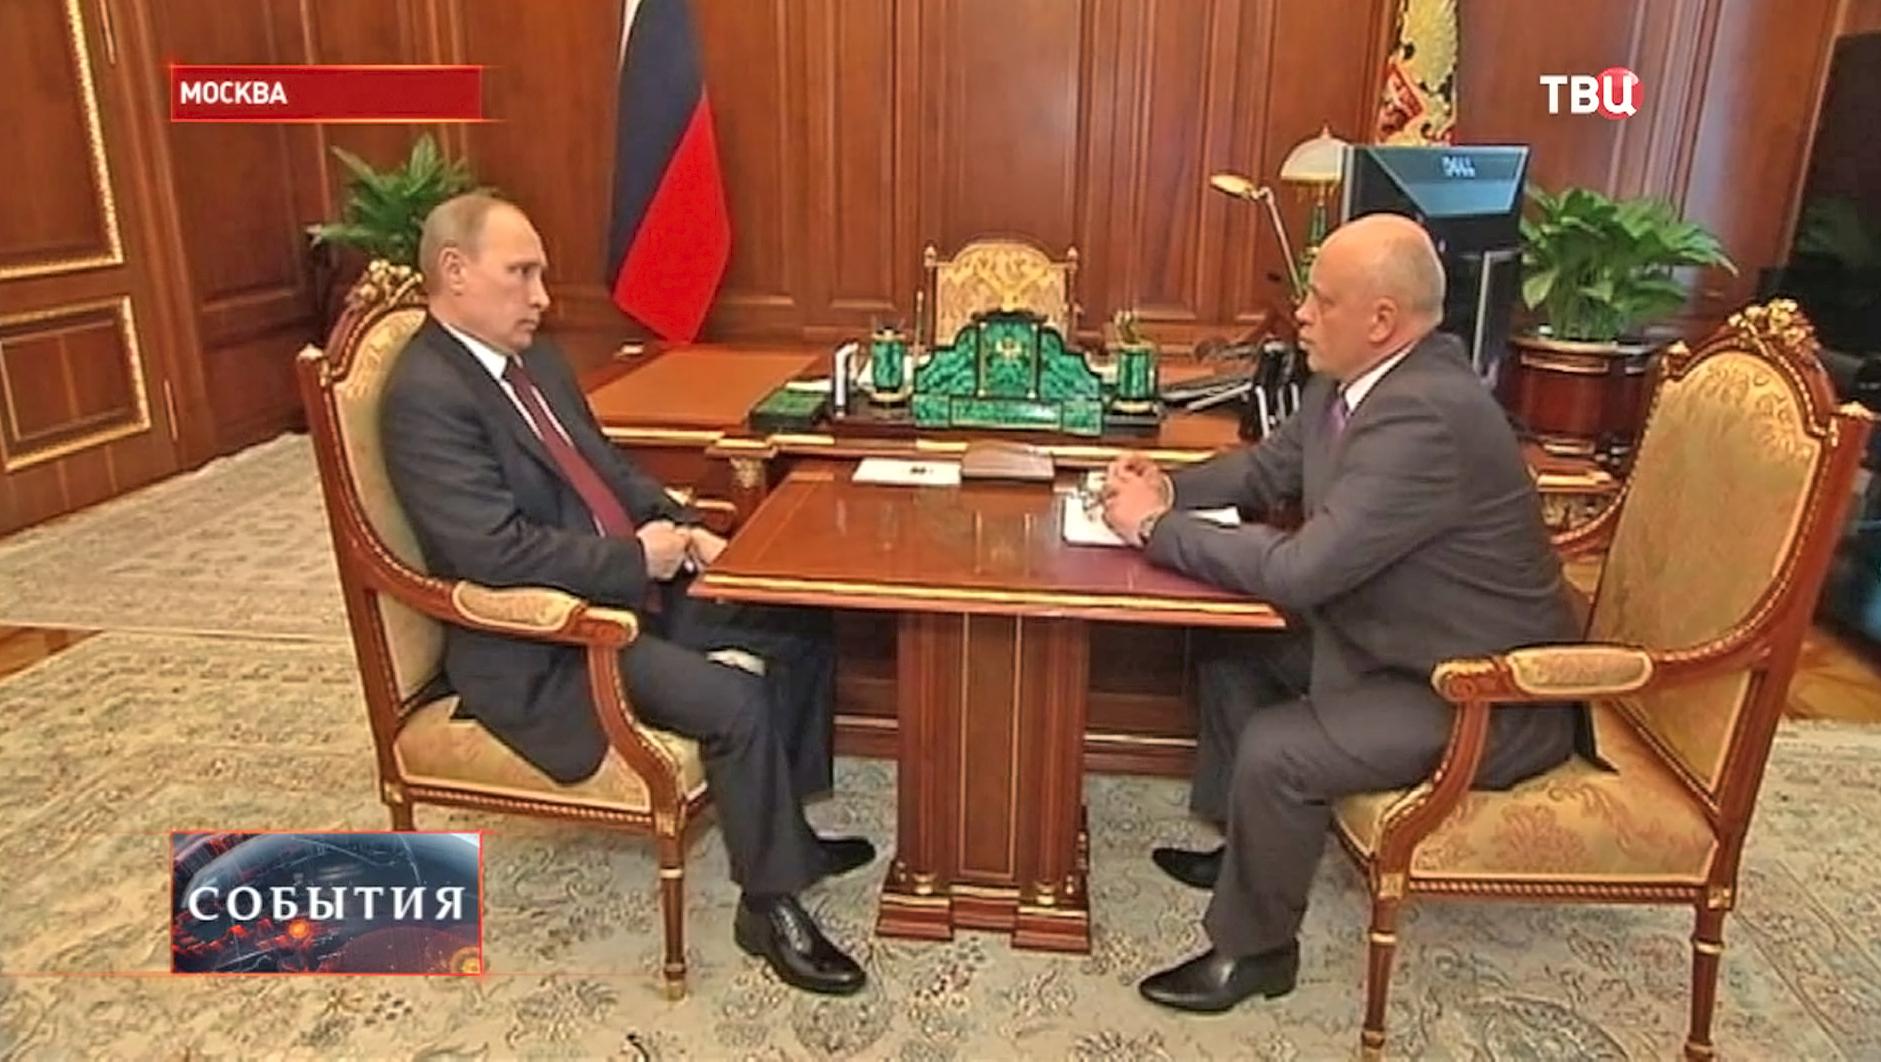 Губернатор Омской области Виктор Назаров и Владимир Путин